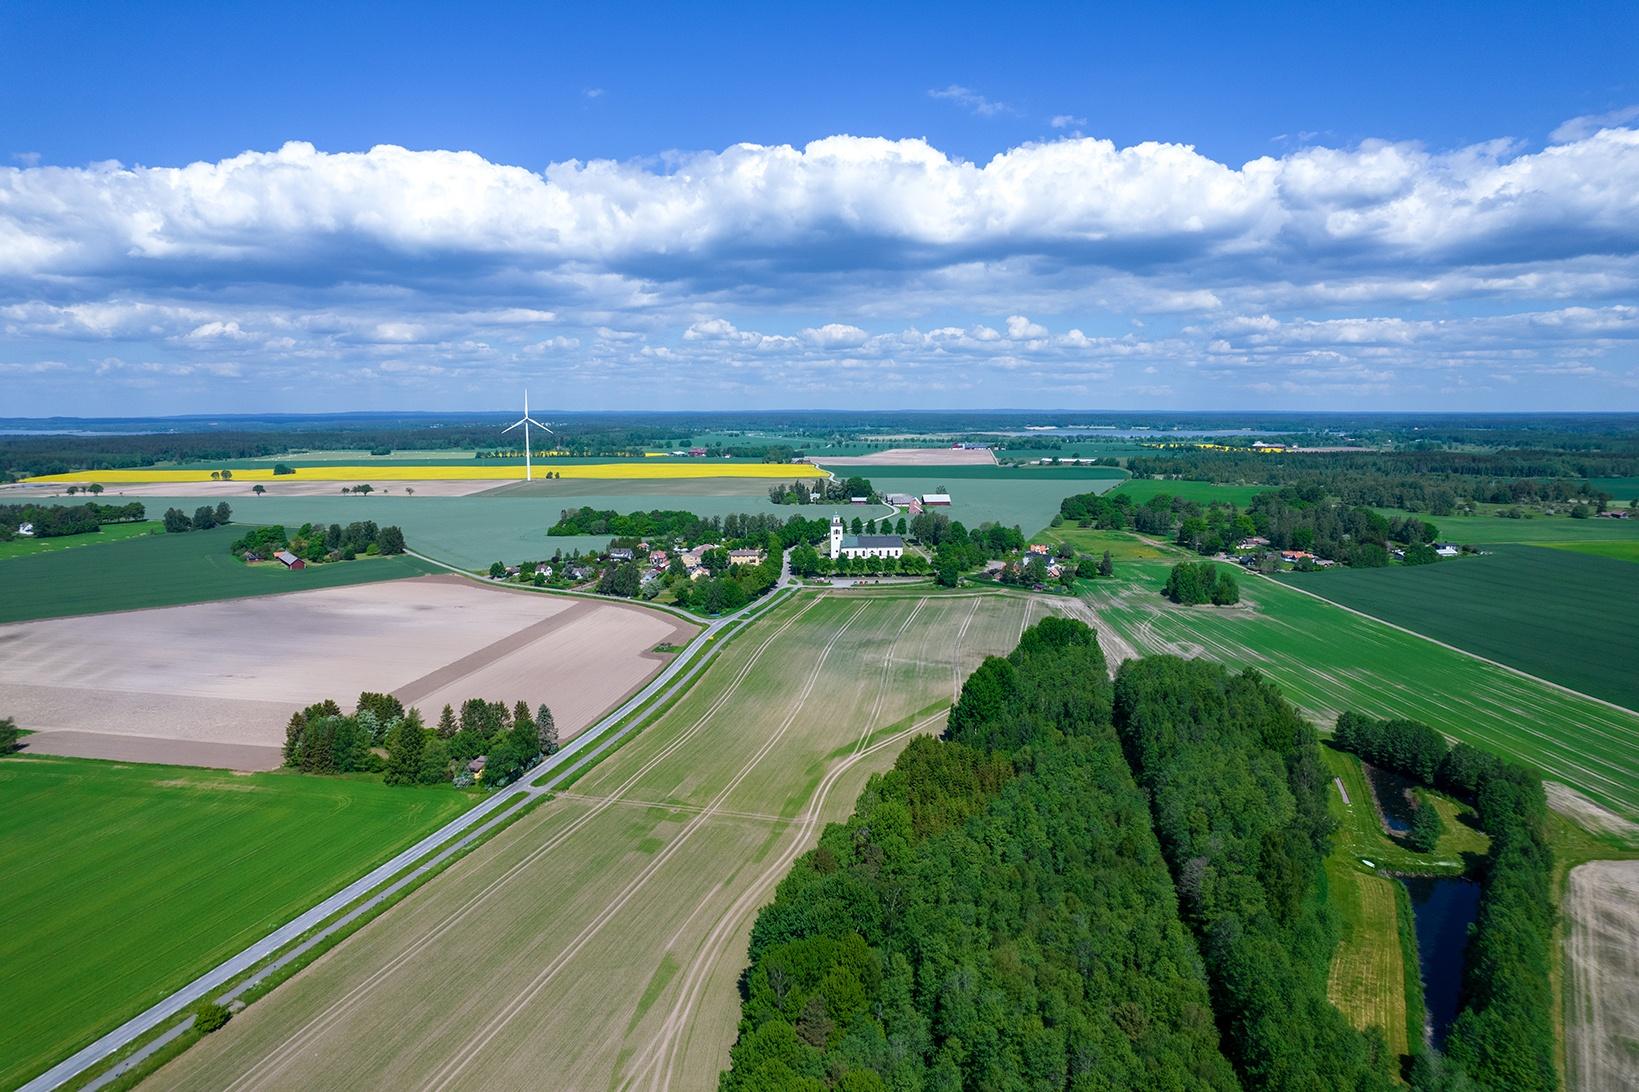 Milsvidd vy över en landsbygd sommaritd, blå himmel och grönskande fält